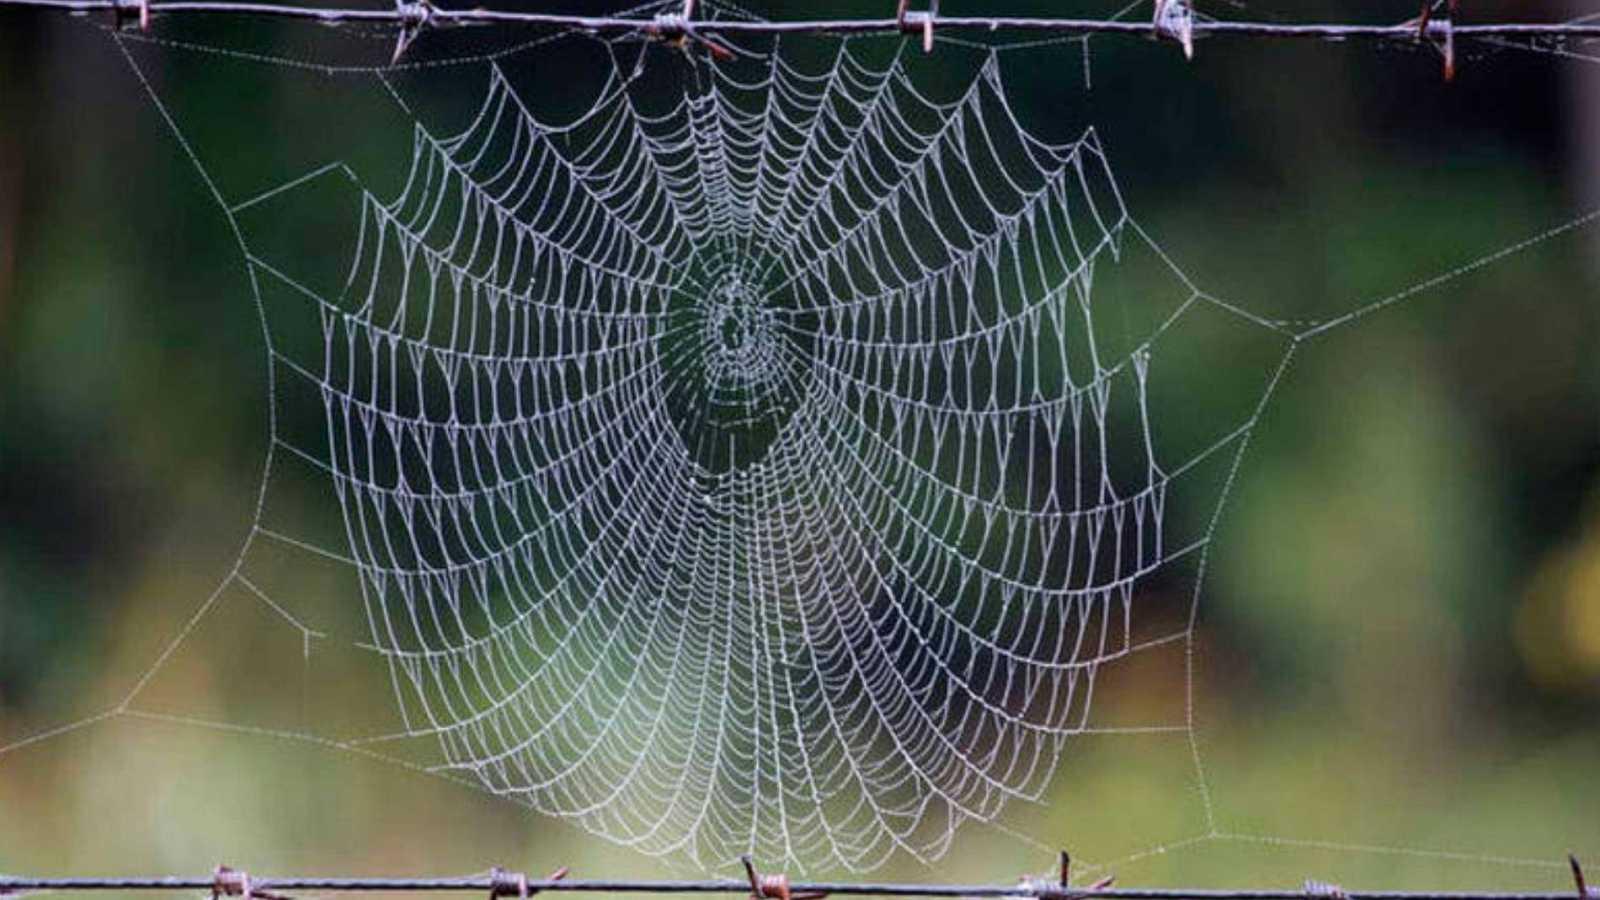 Científicos del MIT traducen en música la estructura de una telaraña